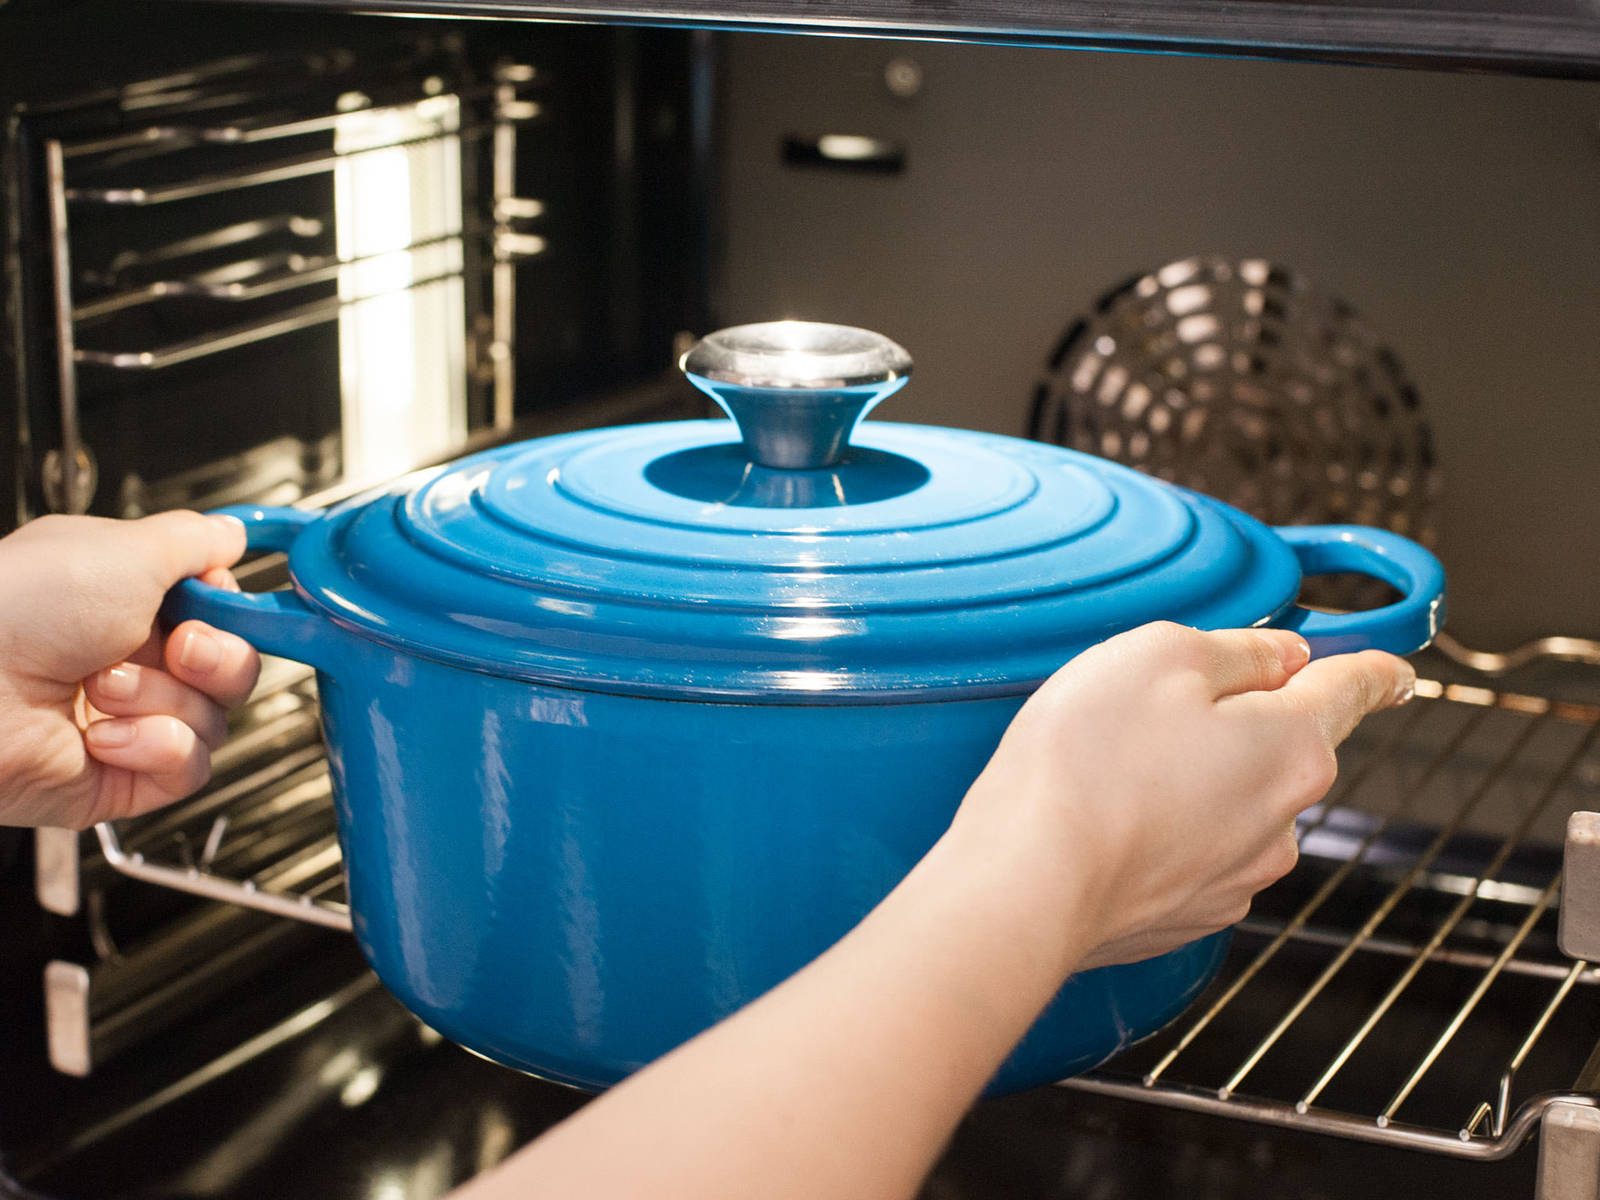 Rippchen ebenfalls in den Schmortopf legen und mit etwas Soße bedecken. Deckel auflegen und bei 120°C im Backofen ca. 3 – 4 h garen, bis das Fleisch weich ist.